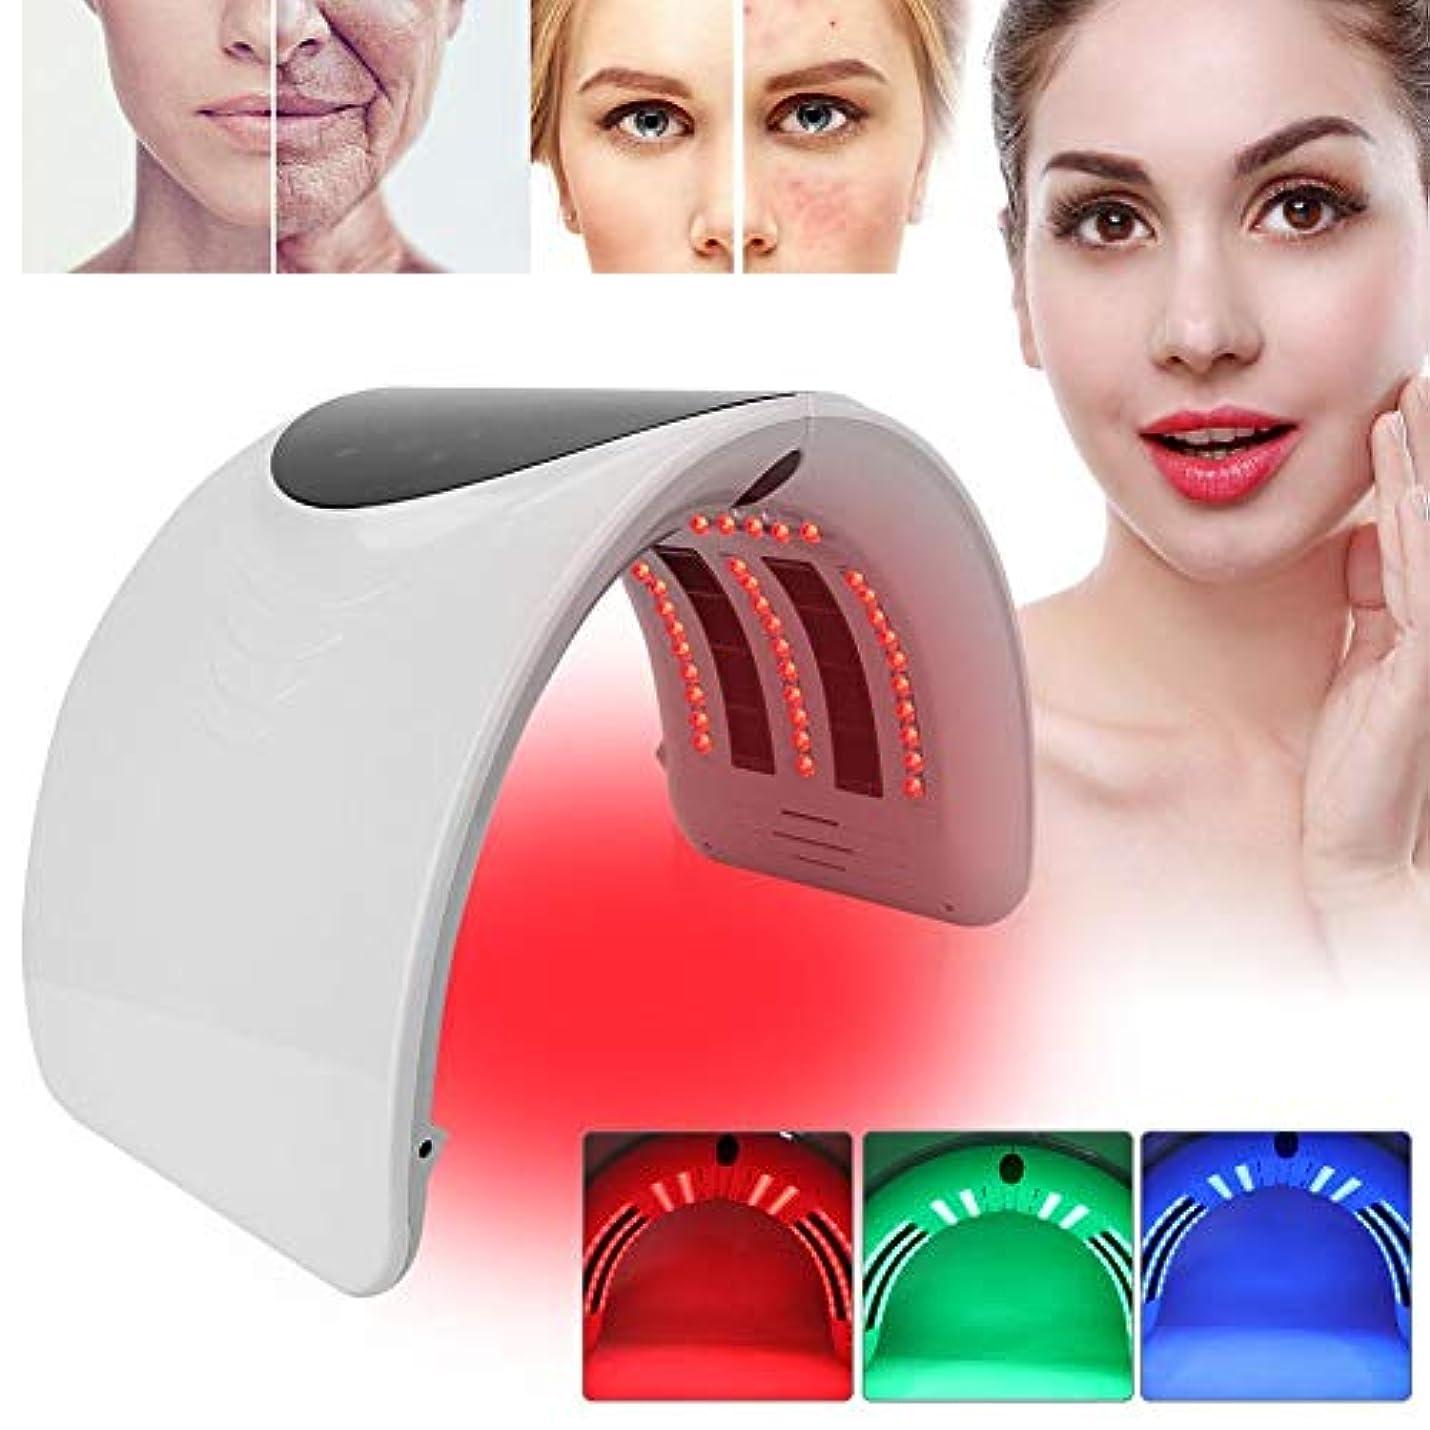 マイクロプロセッサ免除香水PDTの軽い療法の美顔術機械、6色の新しい折り畳み式アクネの取り外しのスキンケアの処置機械(01)